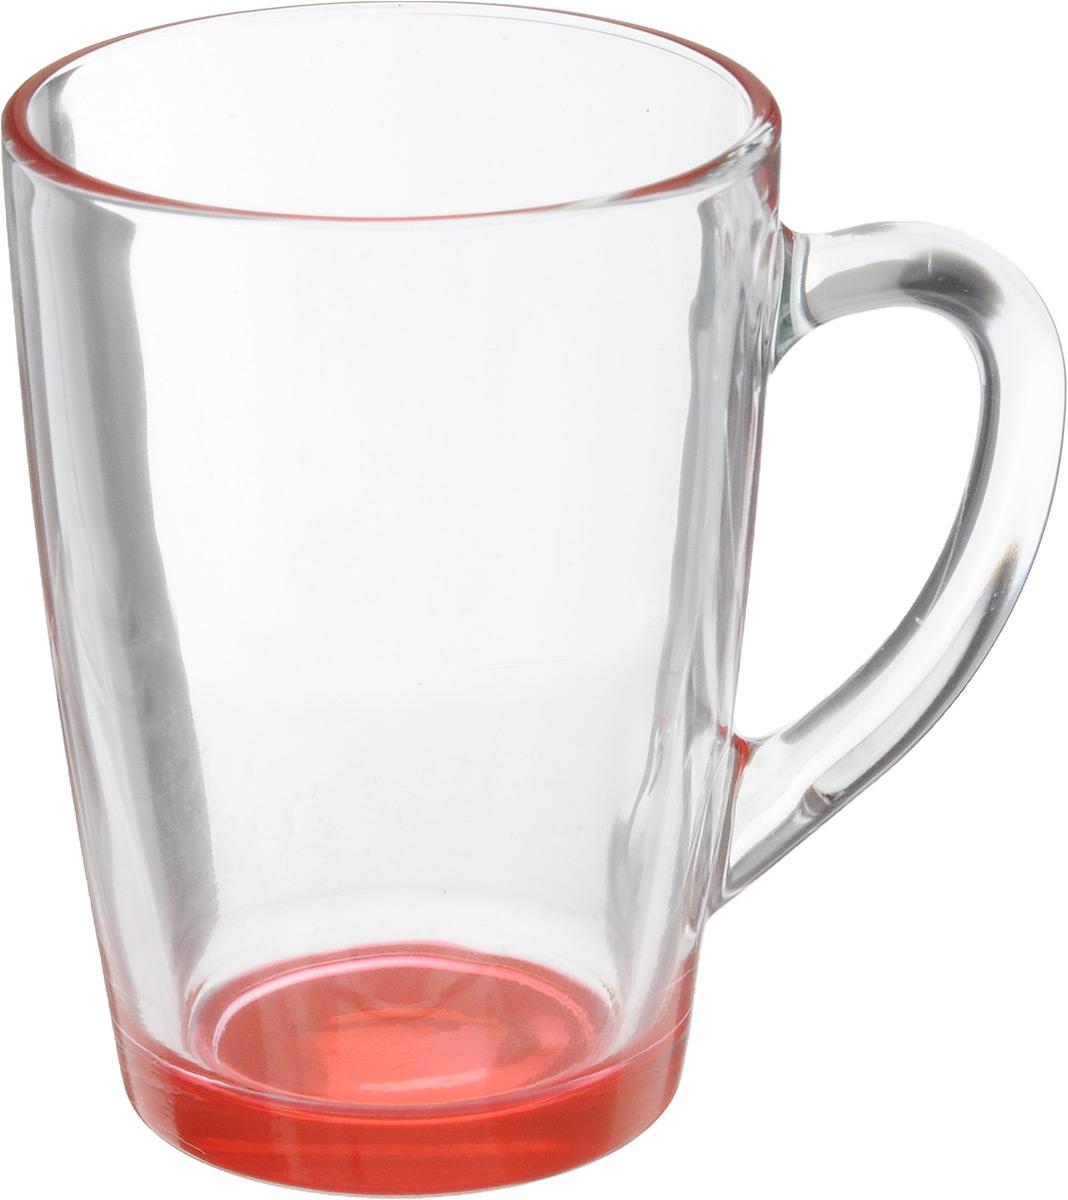 Кружка OSZ Капучино, цвет: прозрачный, красный, 300 мл. 07C1334LM07C1334LMКружка OSZ Капучино изготовлена из стекла двух цветов. Изделие идеально подходит для сервировки стола. Кружка не только украсит ваш кухонный стол, но и подчеркнет прекрасный вкус хозяйки. Диаметр кружки (по верхнему краю): 8 см. Высота кружки: 11 см. Объем кружки: 300 мл.